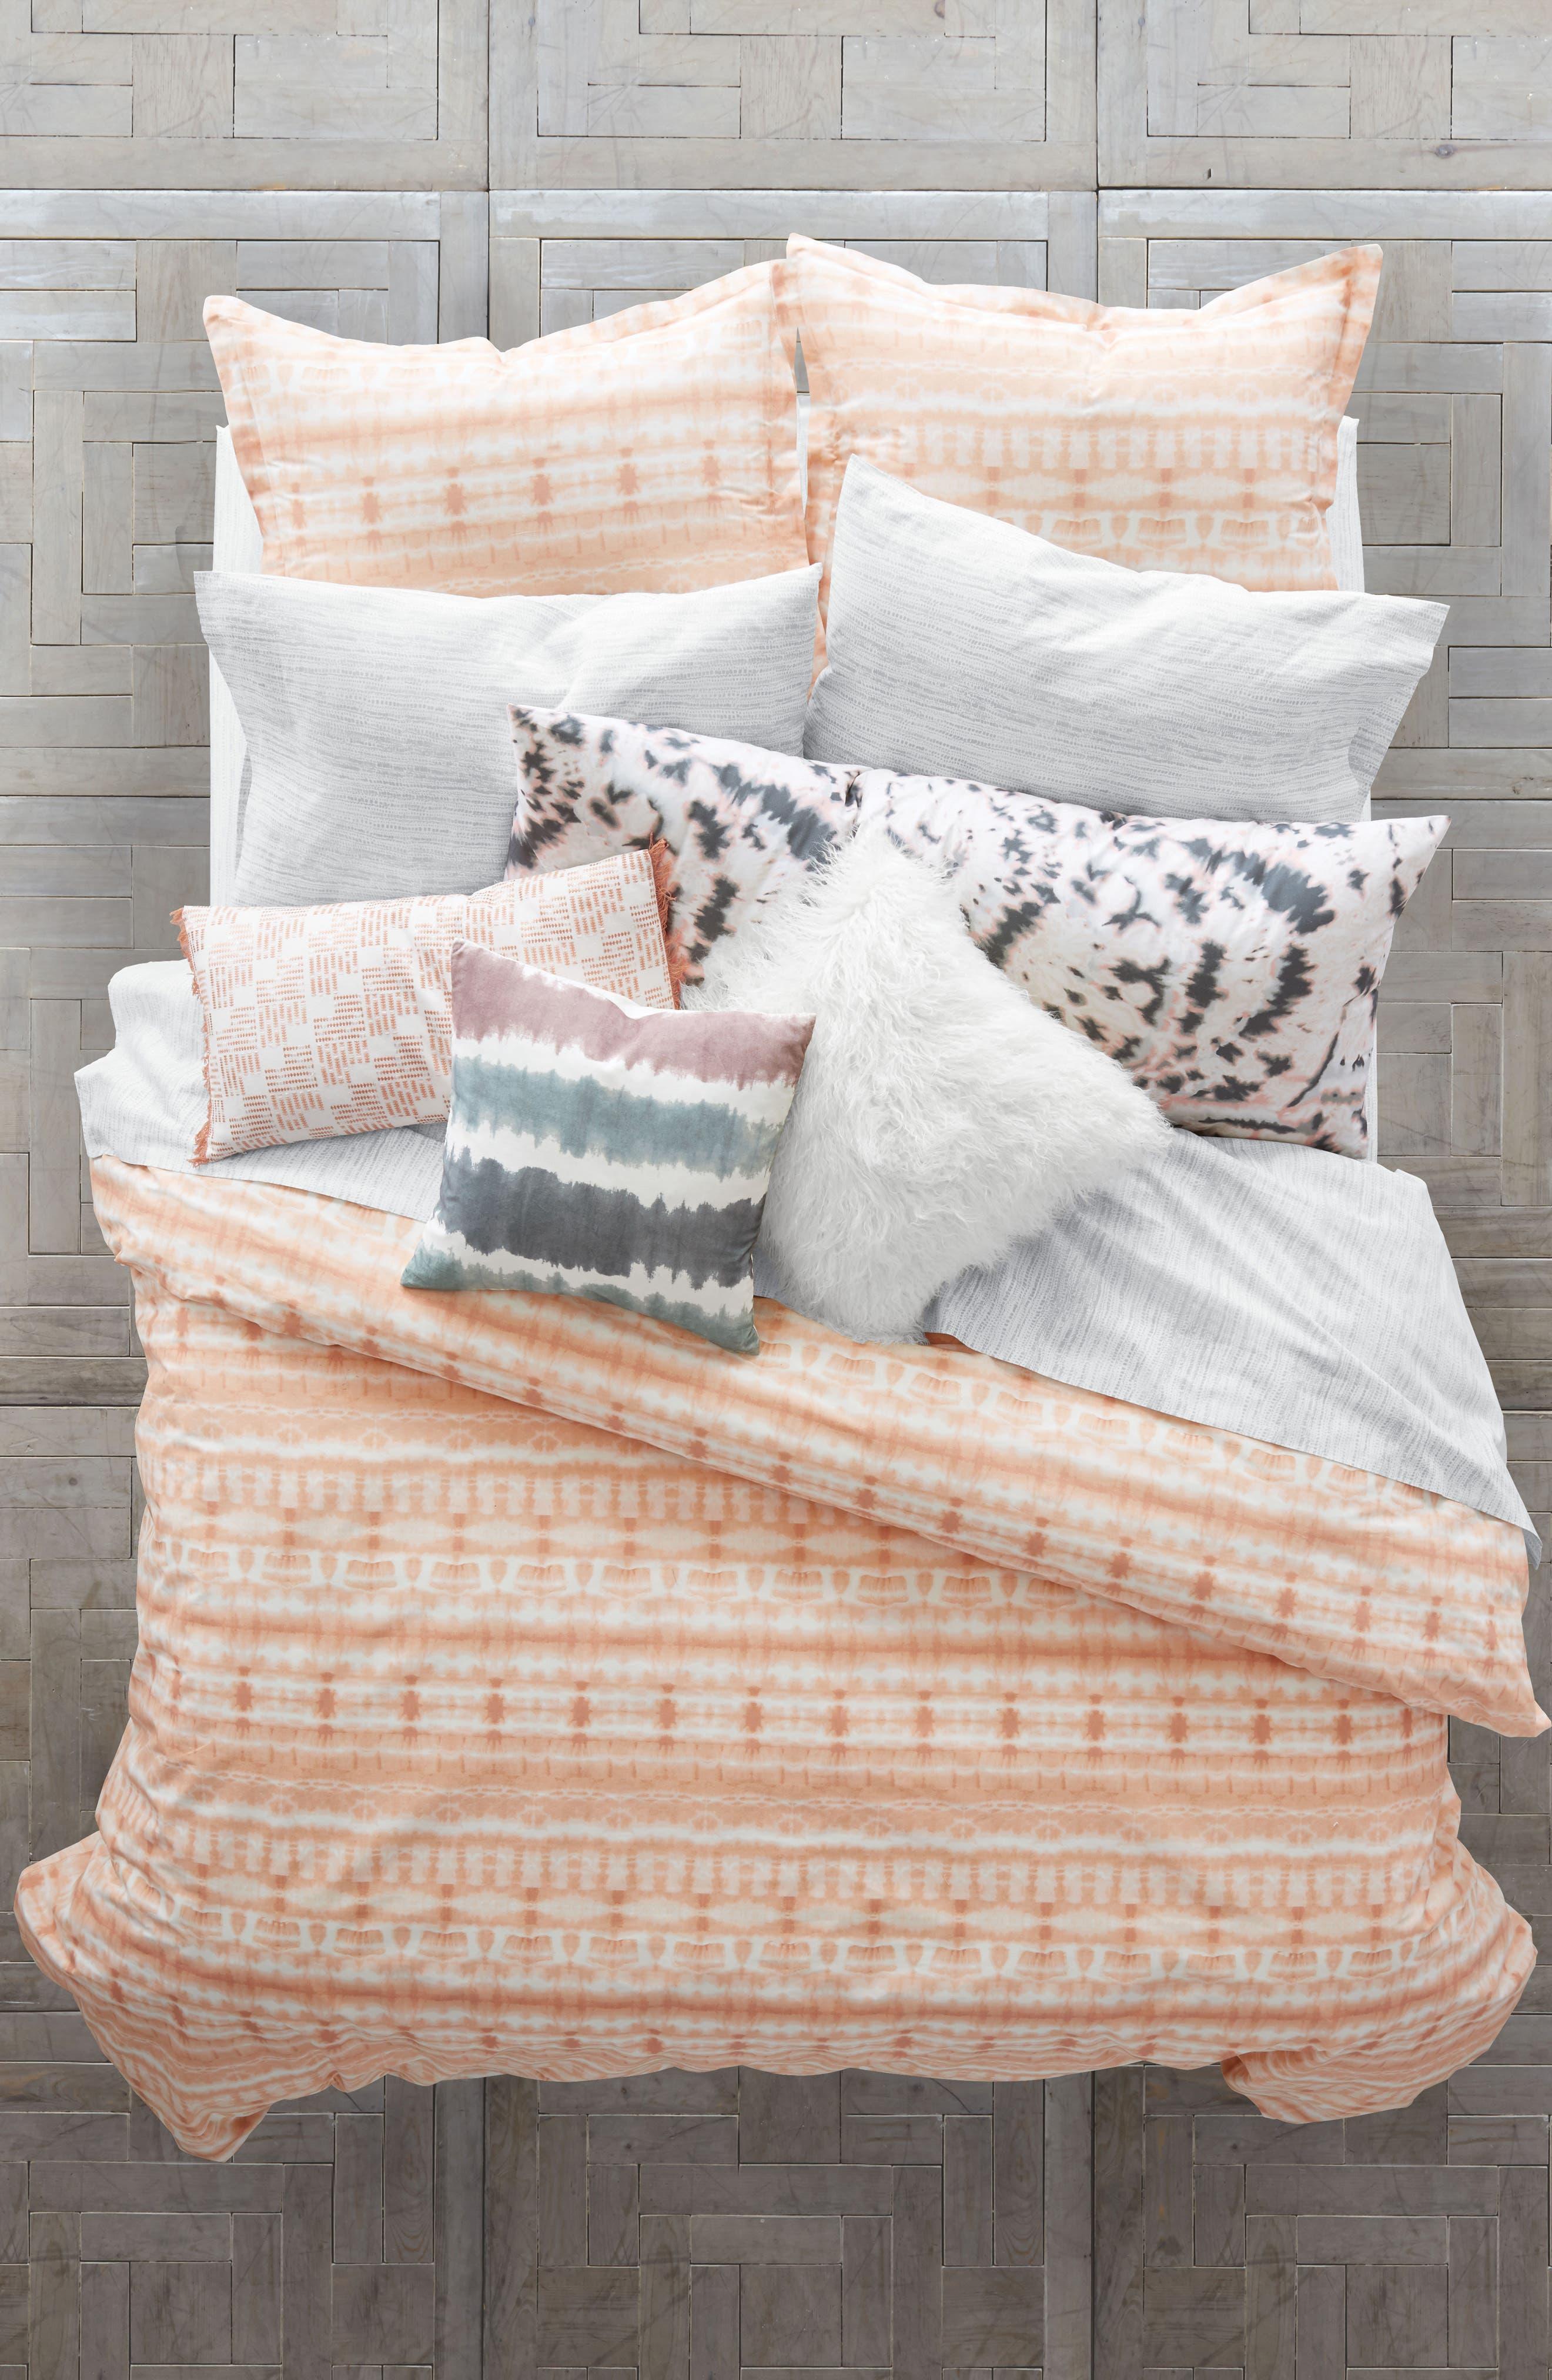 Ocean Waves Comforter & Sham Set,                         Main,                         color, Light/ Pastel Pink